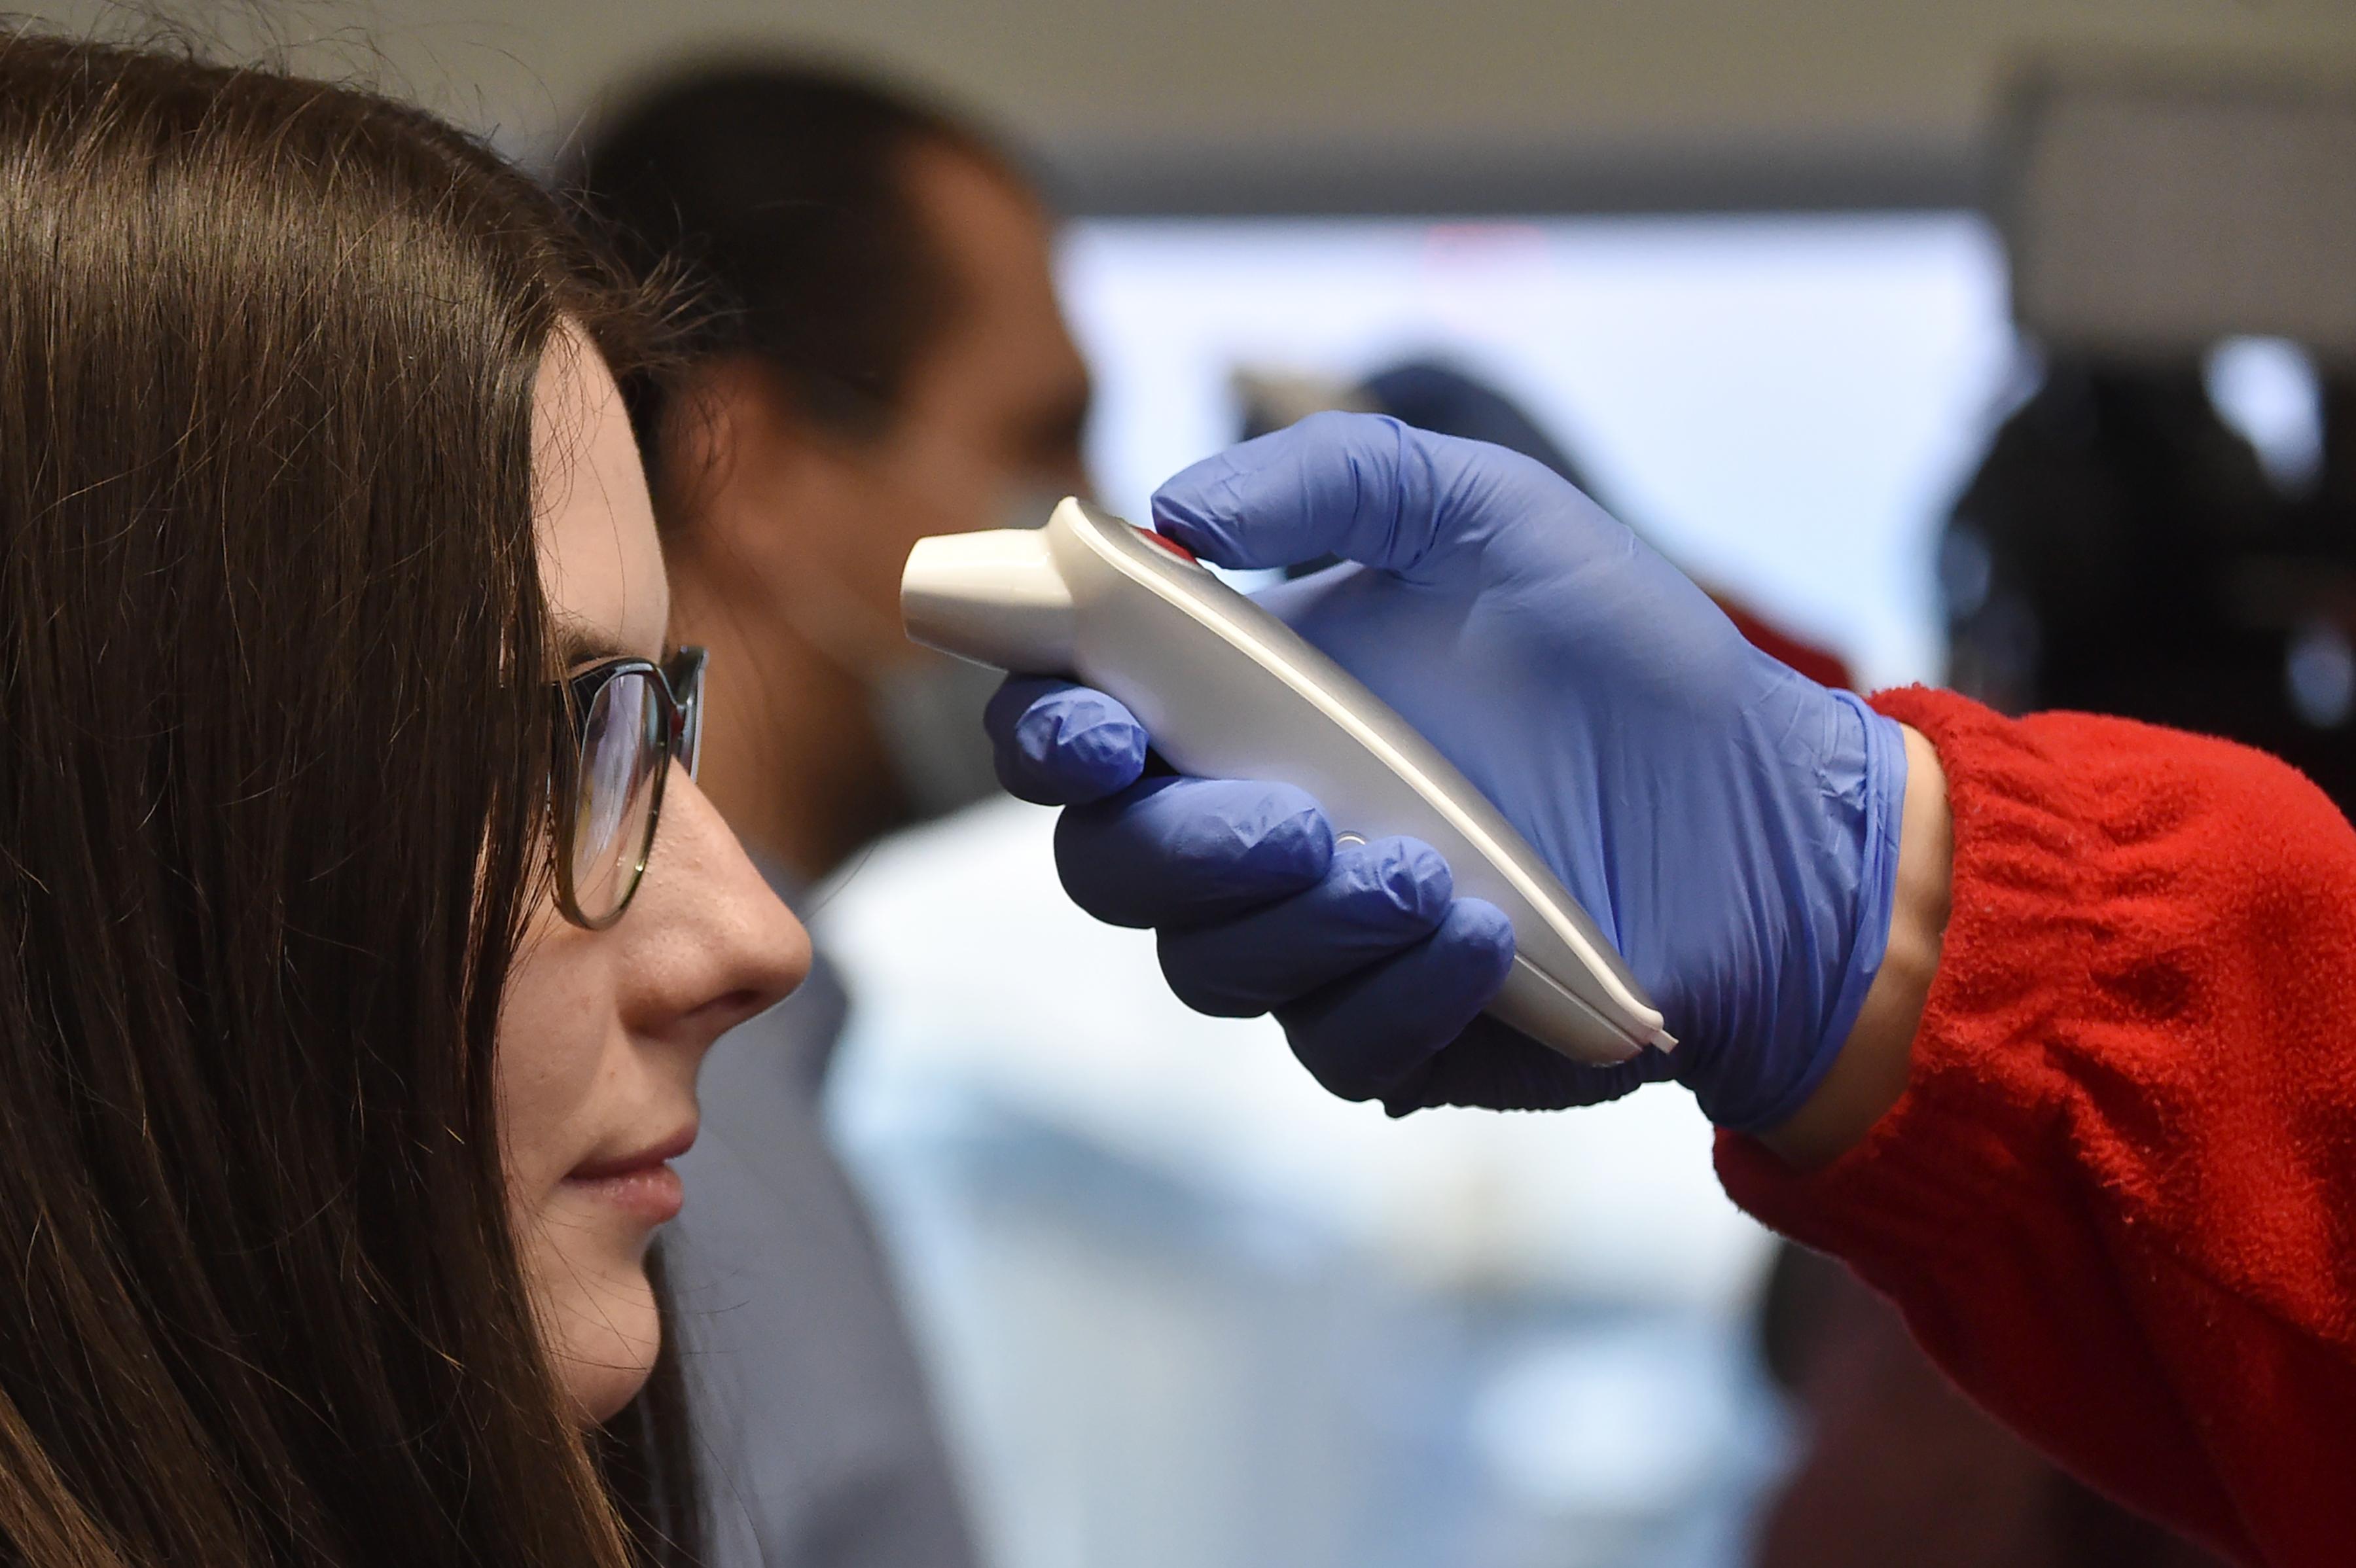 Módosította a protokollt a tisztifőorvos, hogy a fertőzésgyanús betegek fizikailag ne találkozzanak a háziorvosokkal